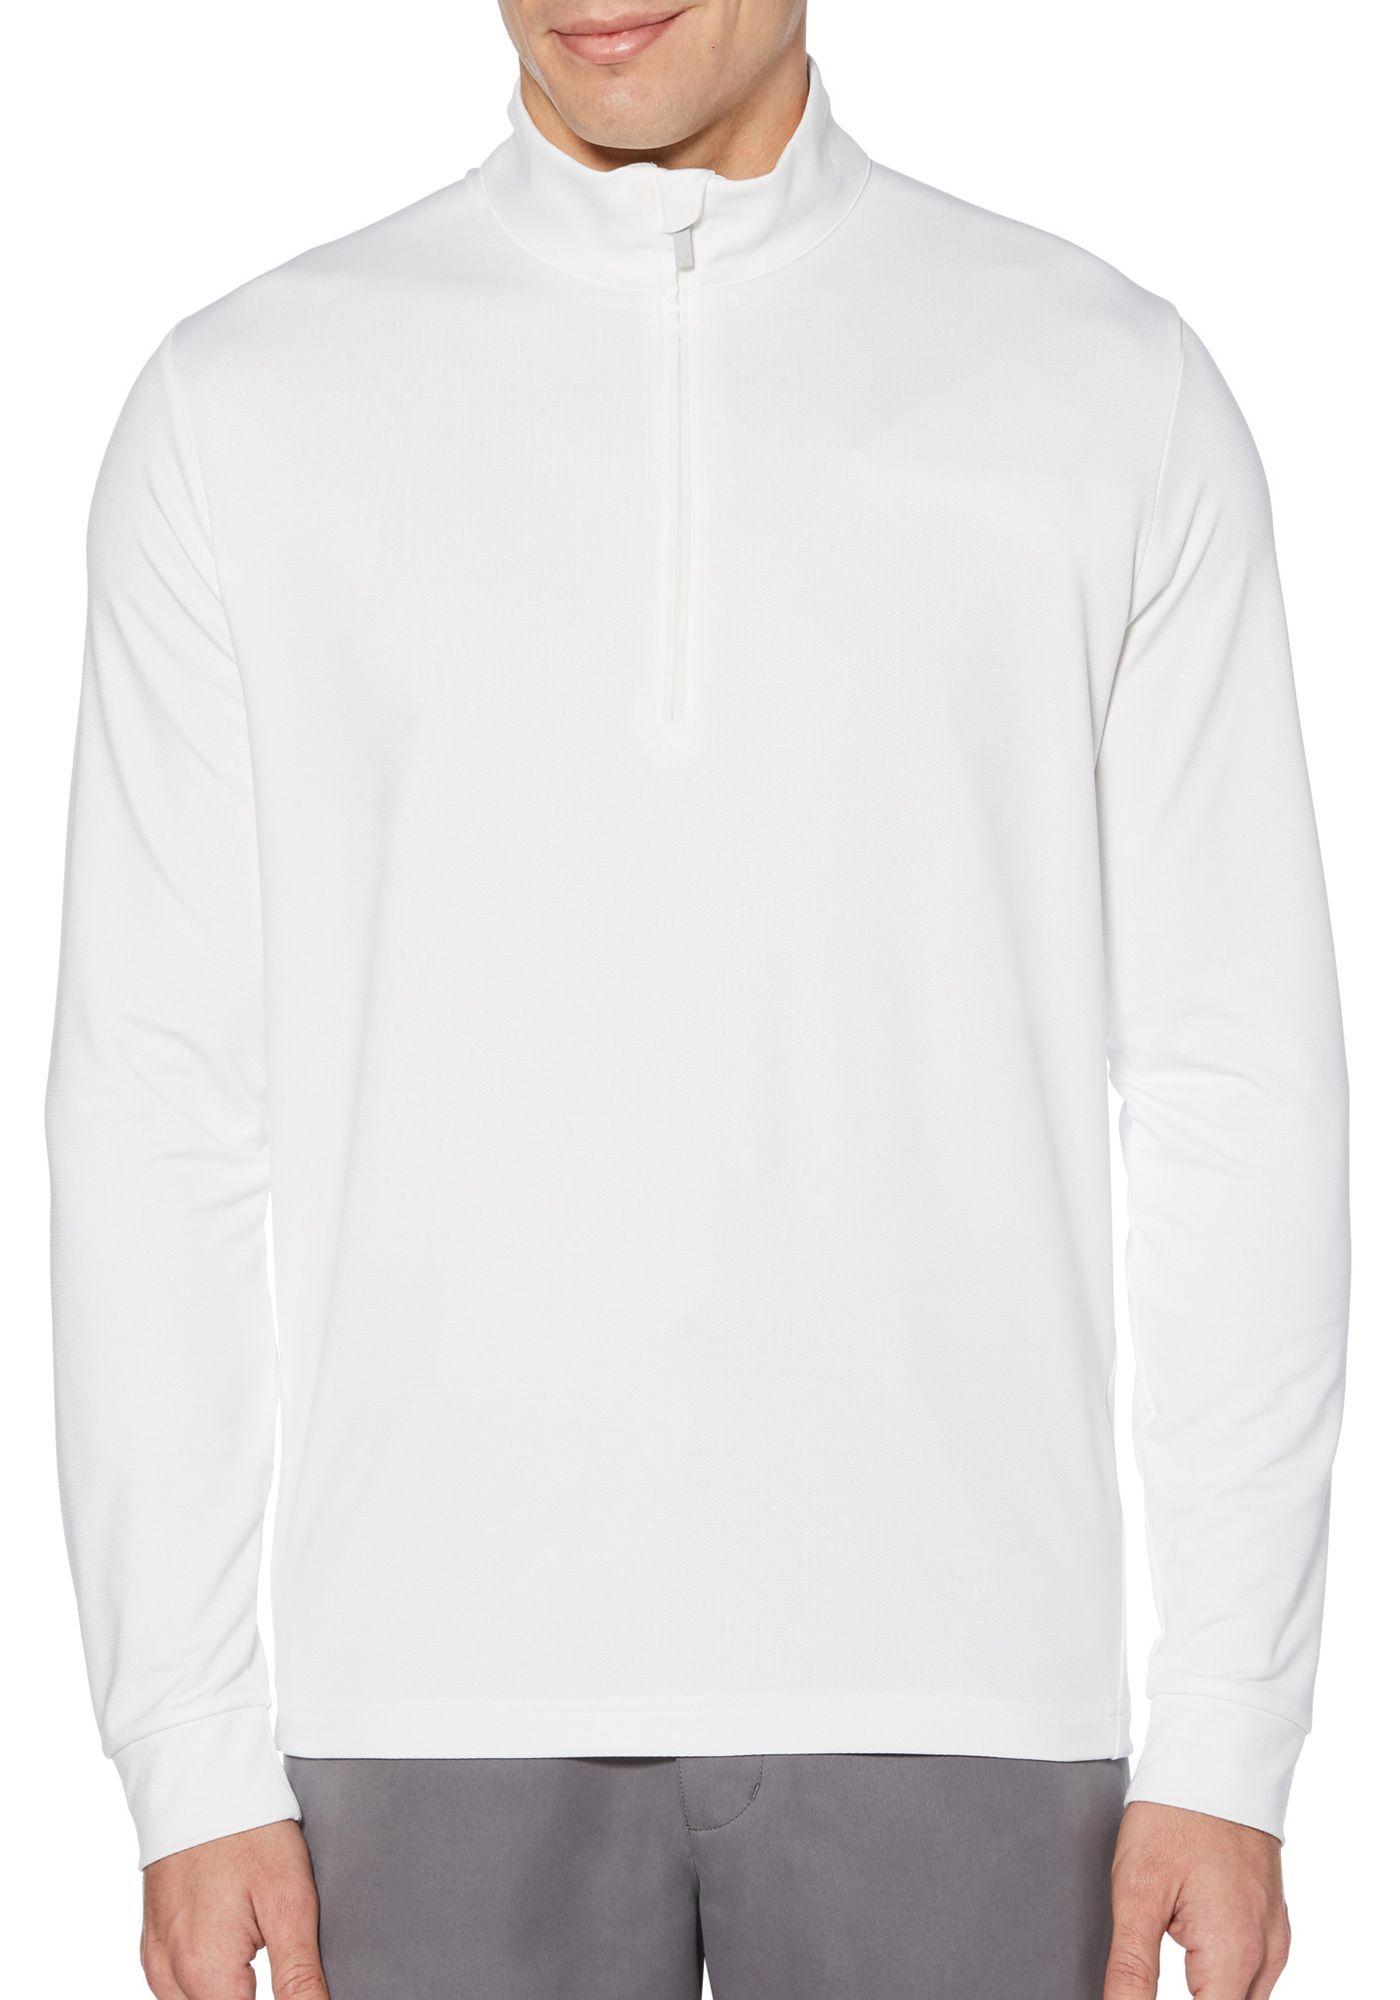 Callaway Men's Swing-Tech Cooling ¼ Zip Golf Pullover